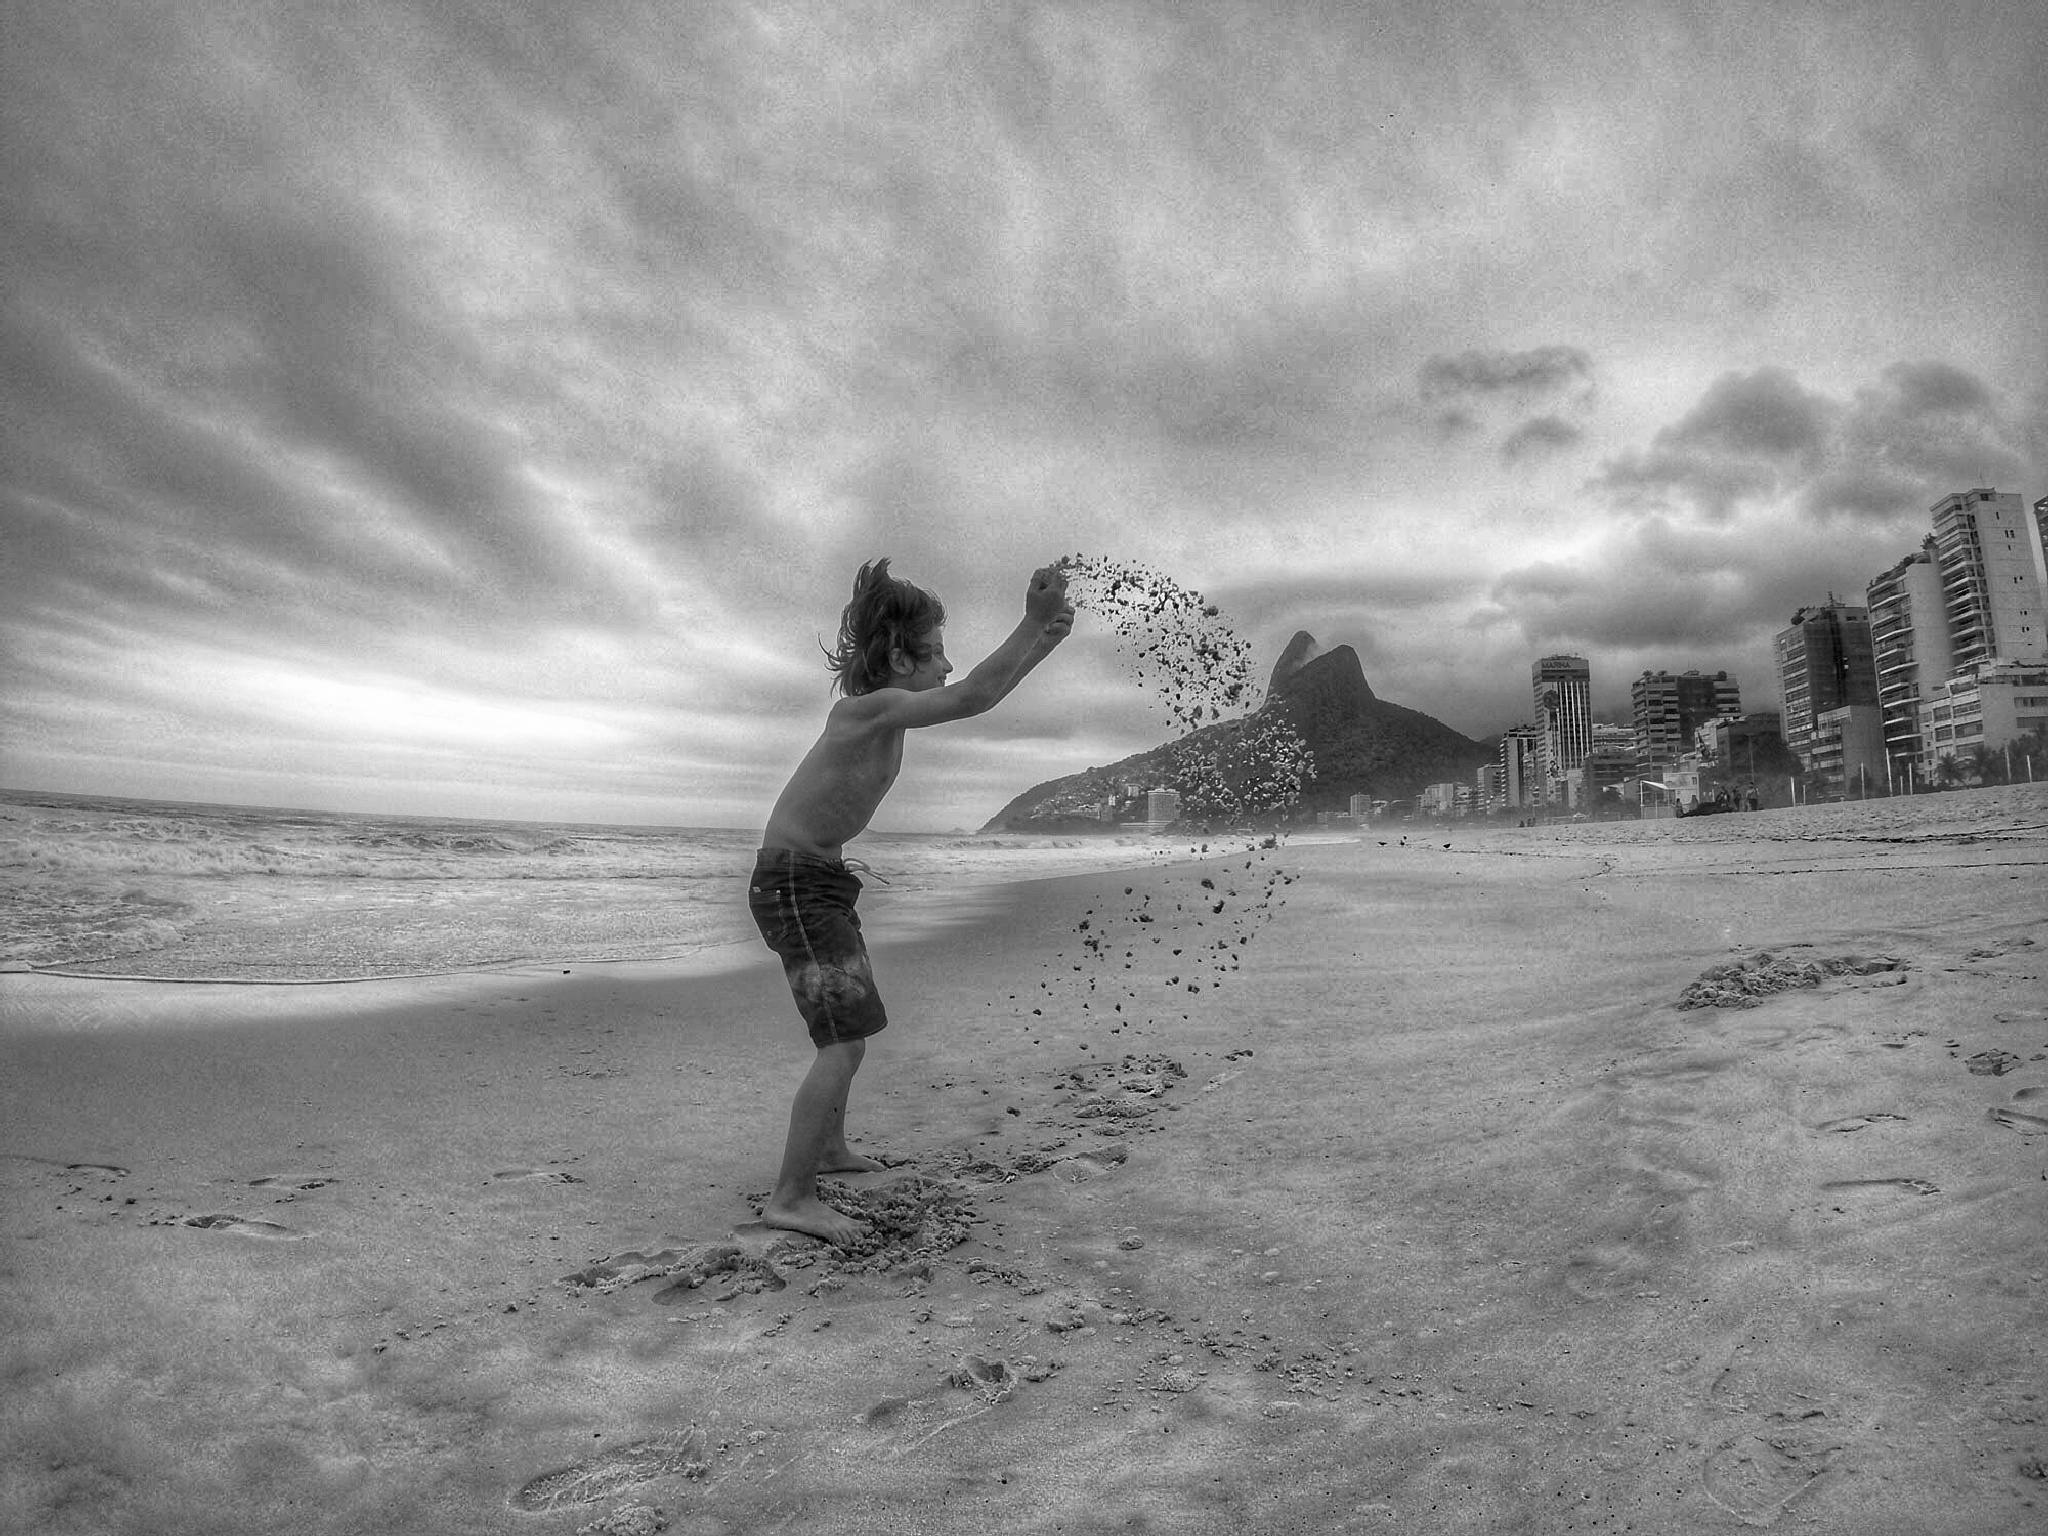 cloudy days by Marcelo Zal Riani